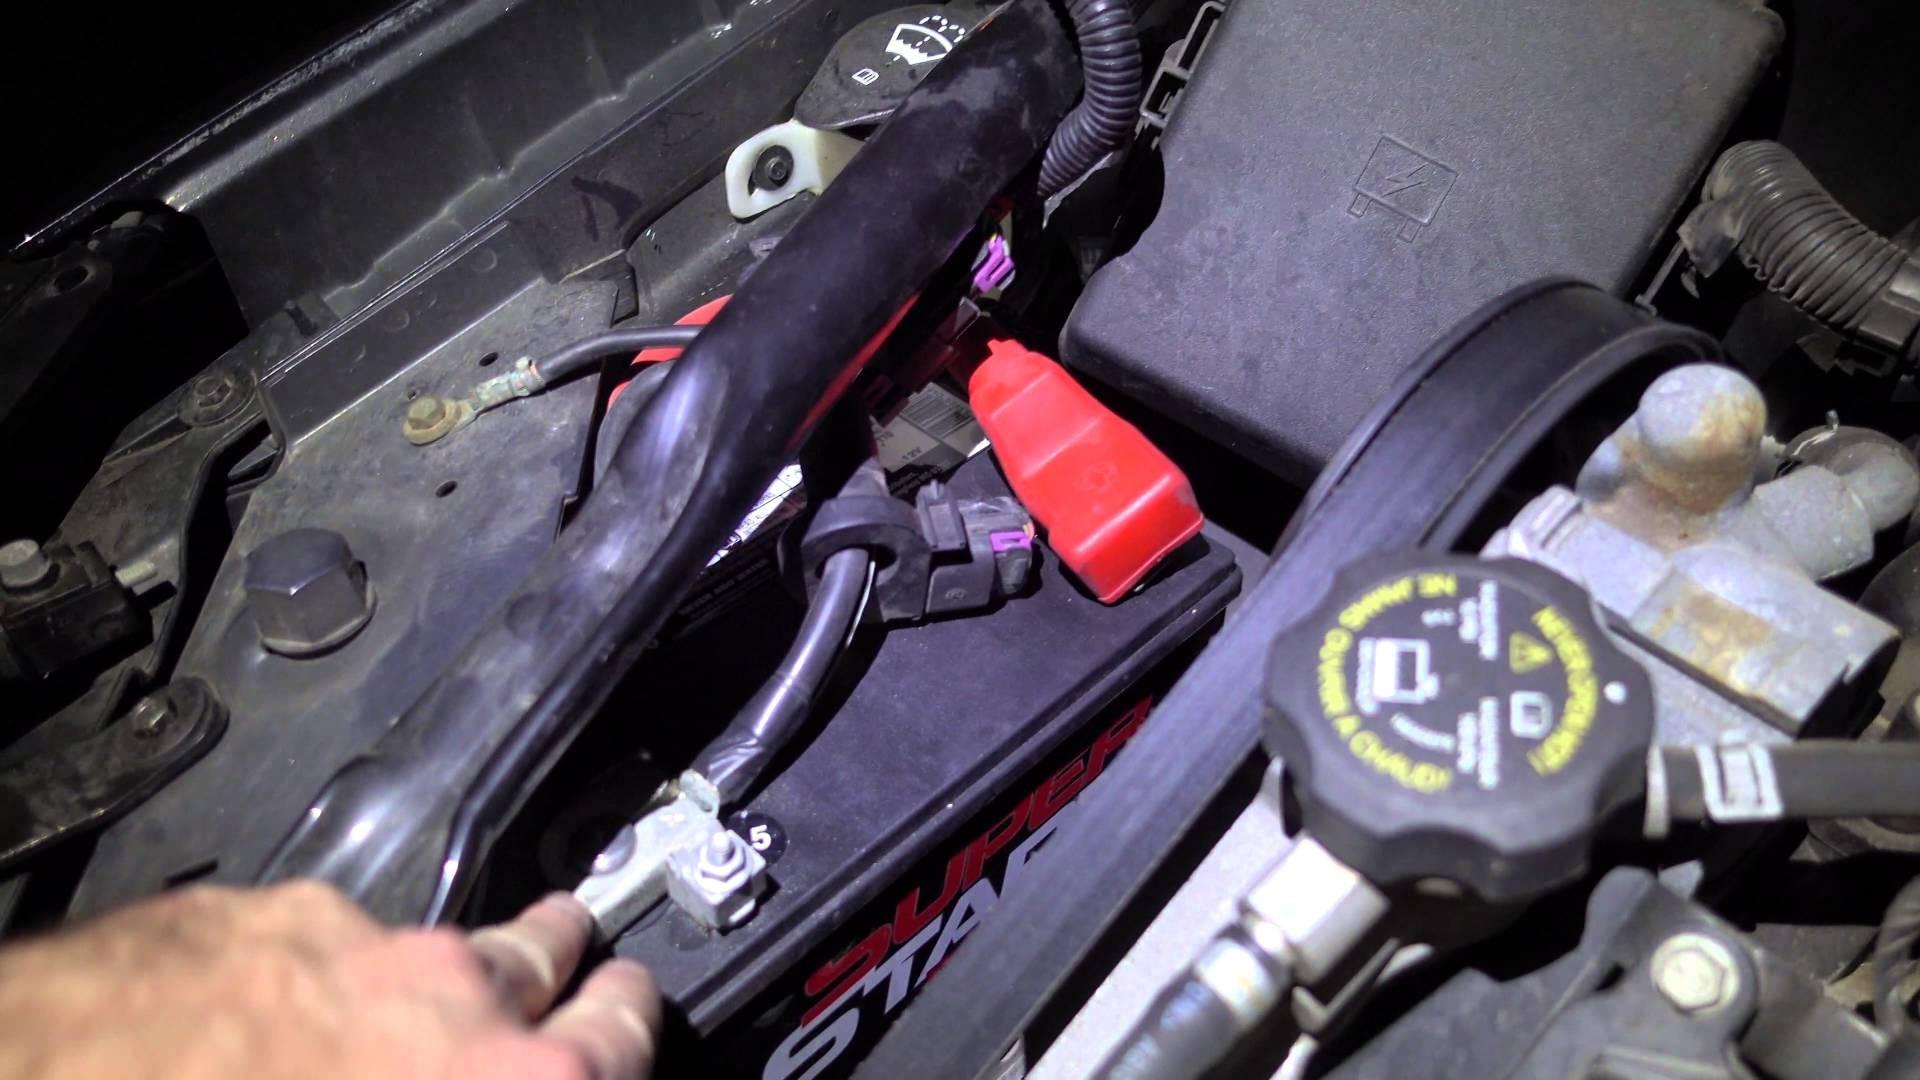 2005 Pontiac Grand Prix Engine Diagram How To Install Replace Fuel Gm 3 4 L Car Battery 2004 2006 2007 And